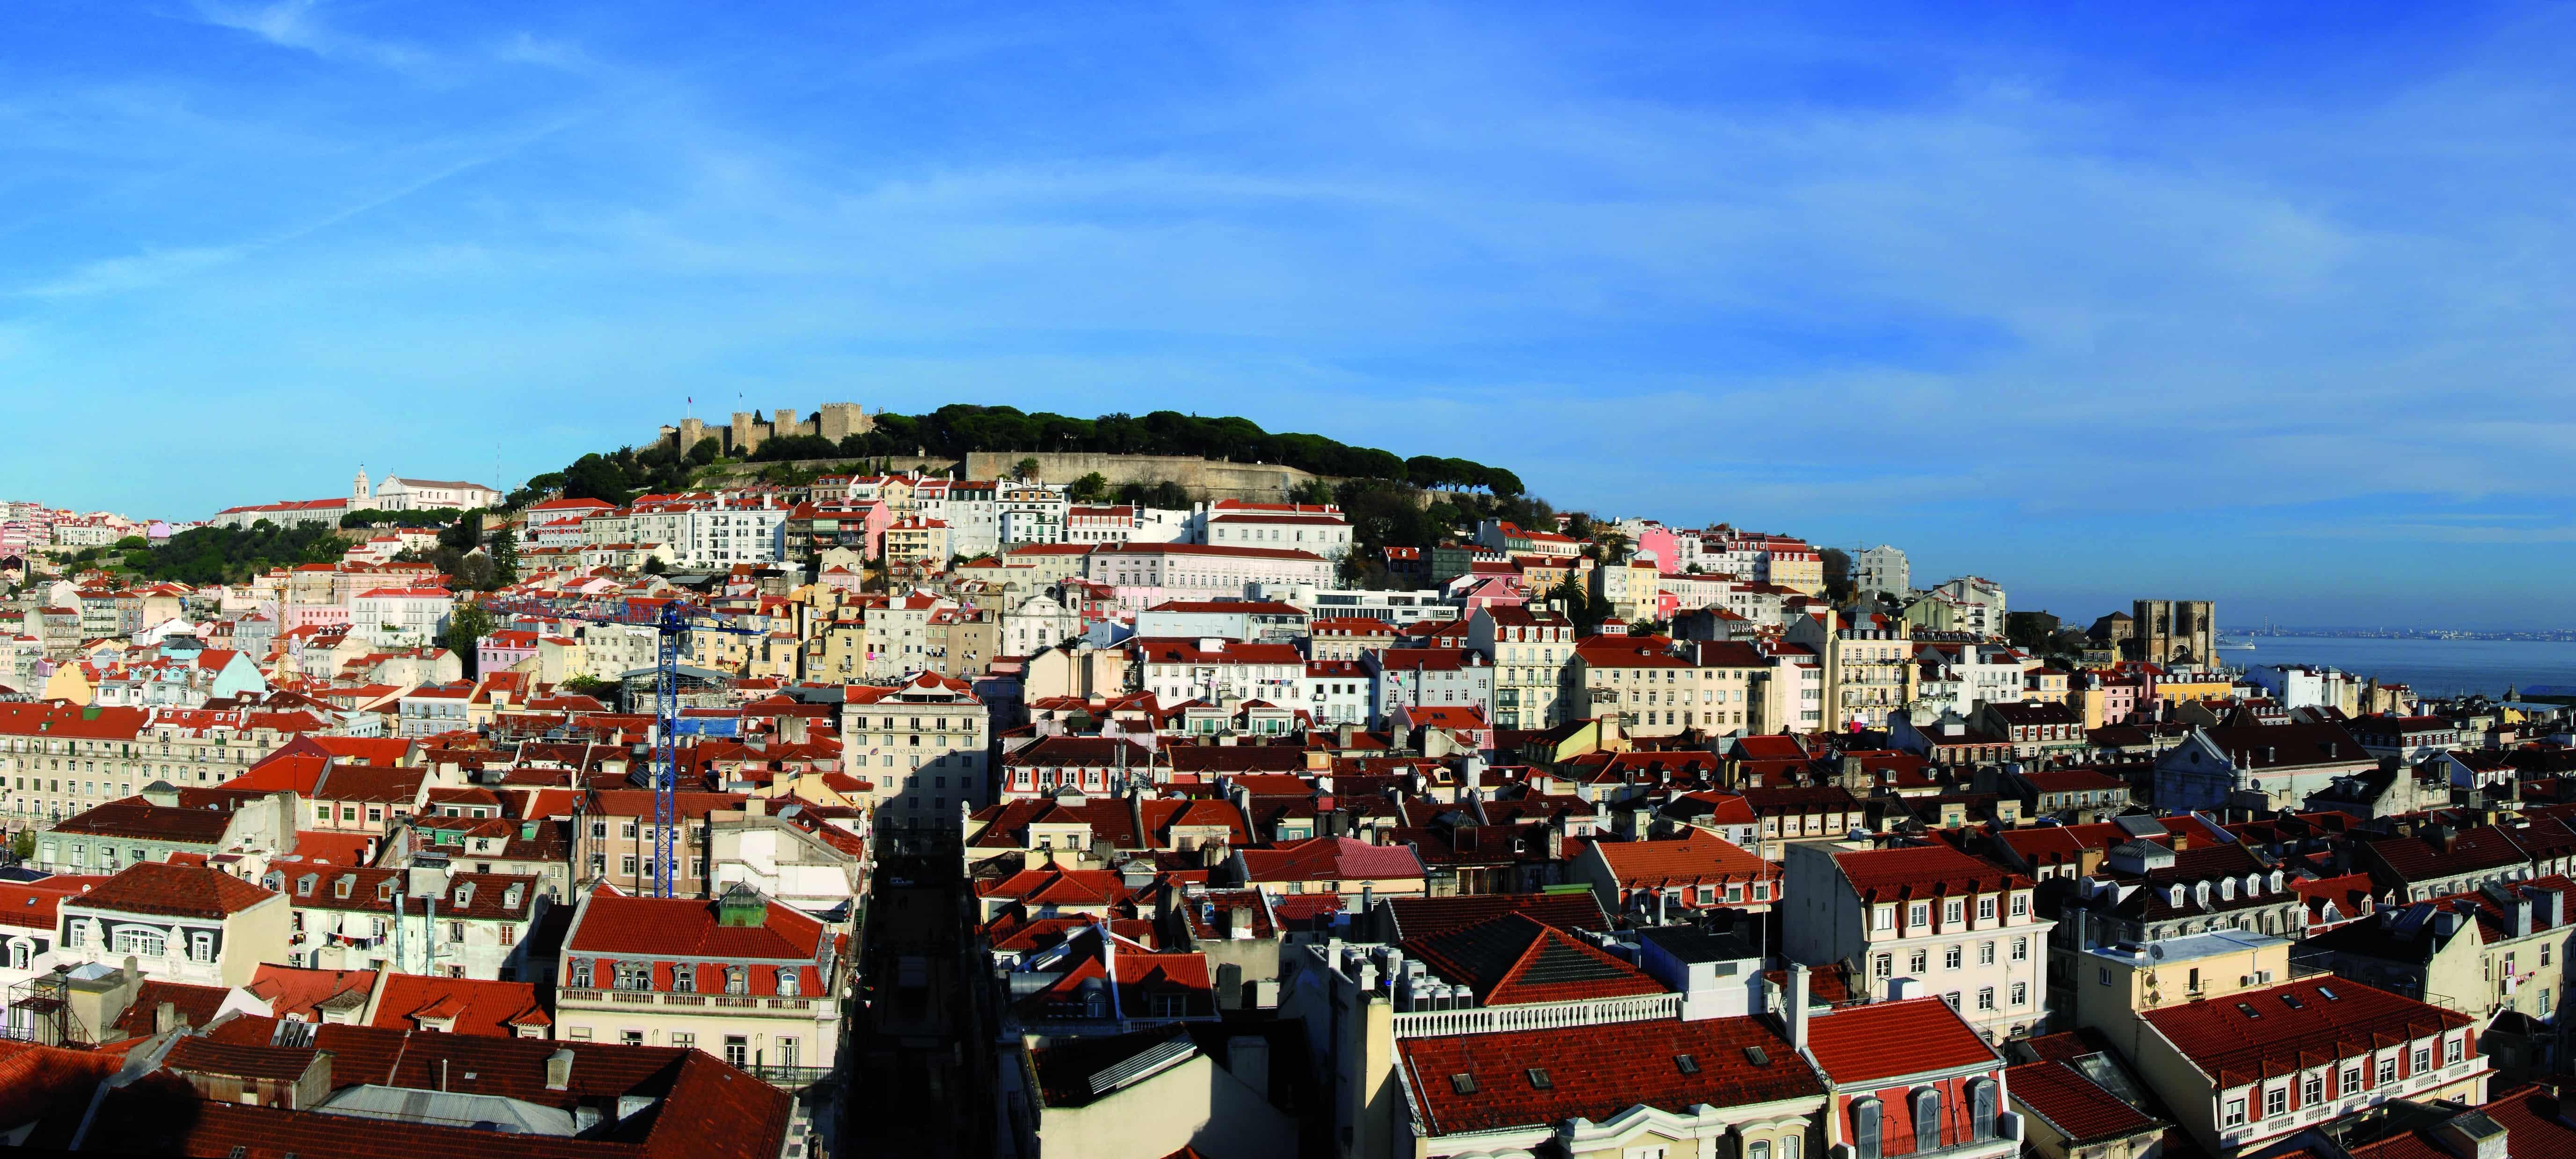 Vue panoramique de Lisbonne le jour en voyage au Portugal